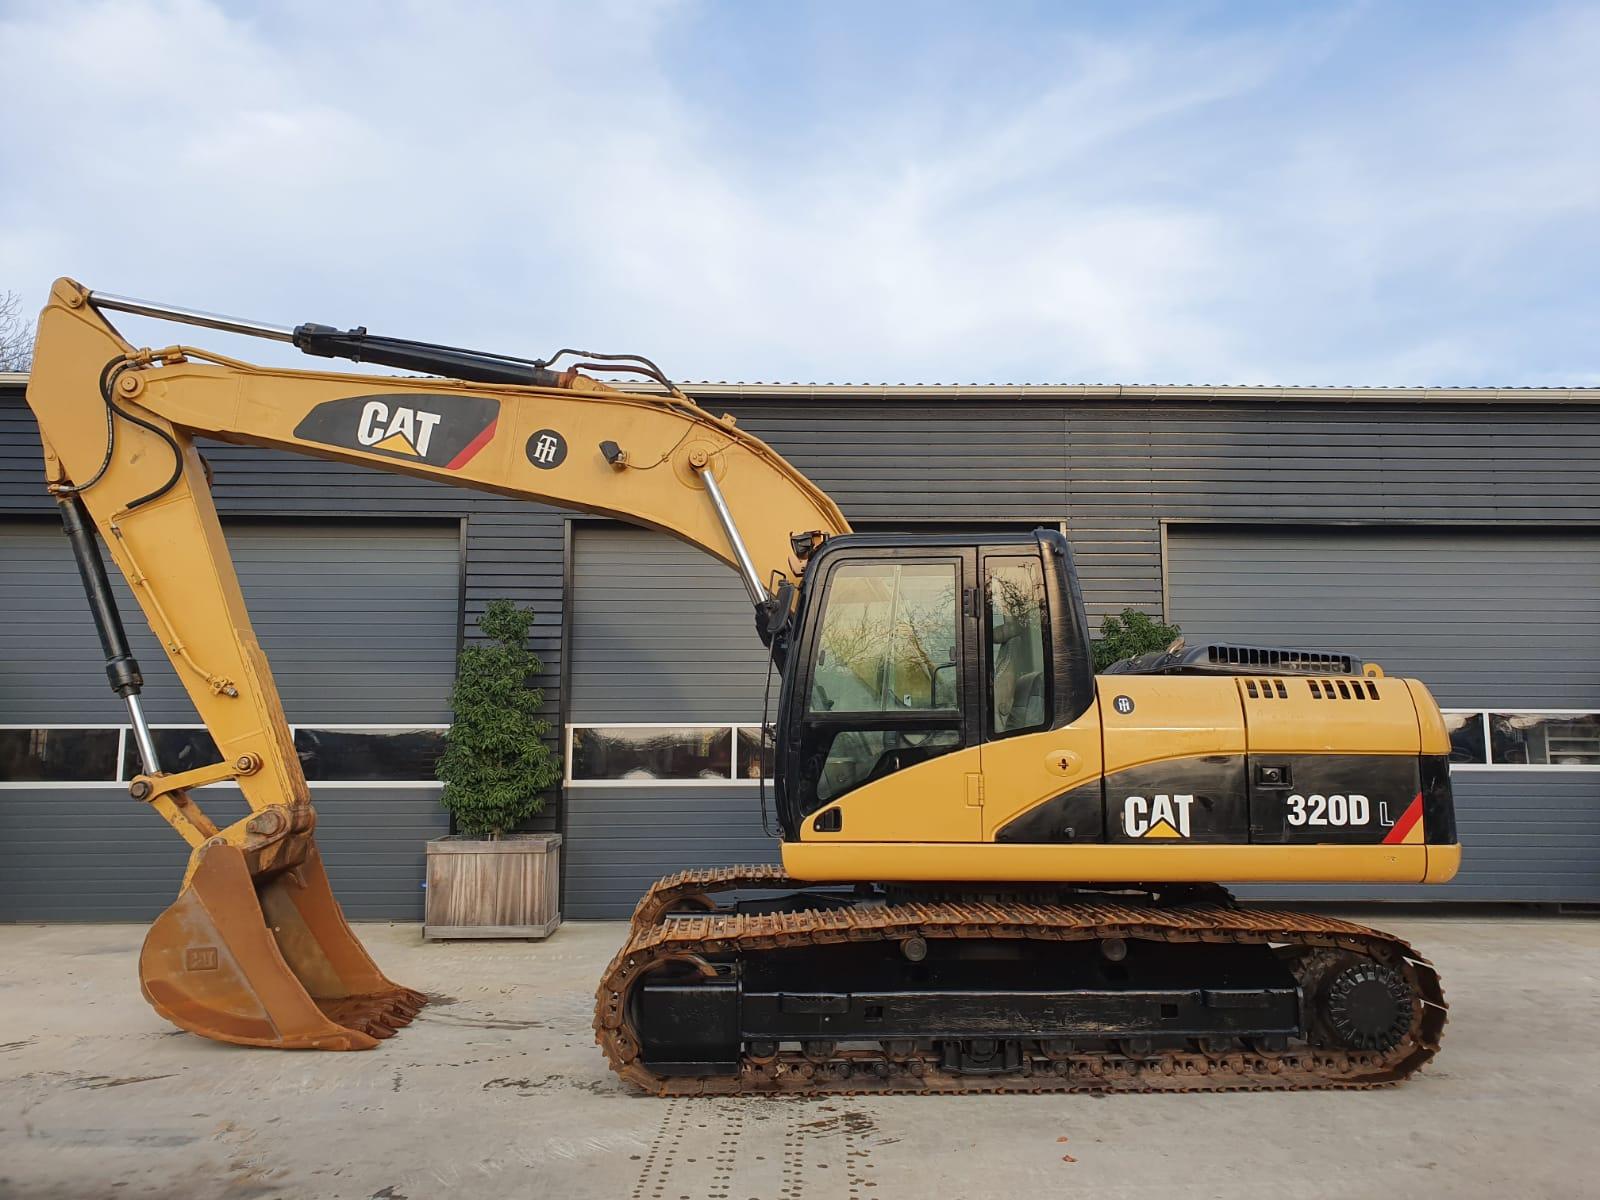 caterpillar 320 DL track excavator